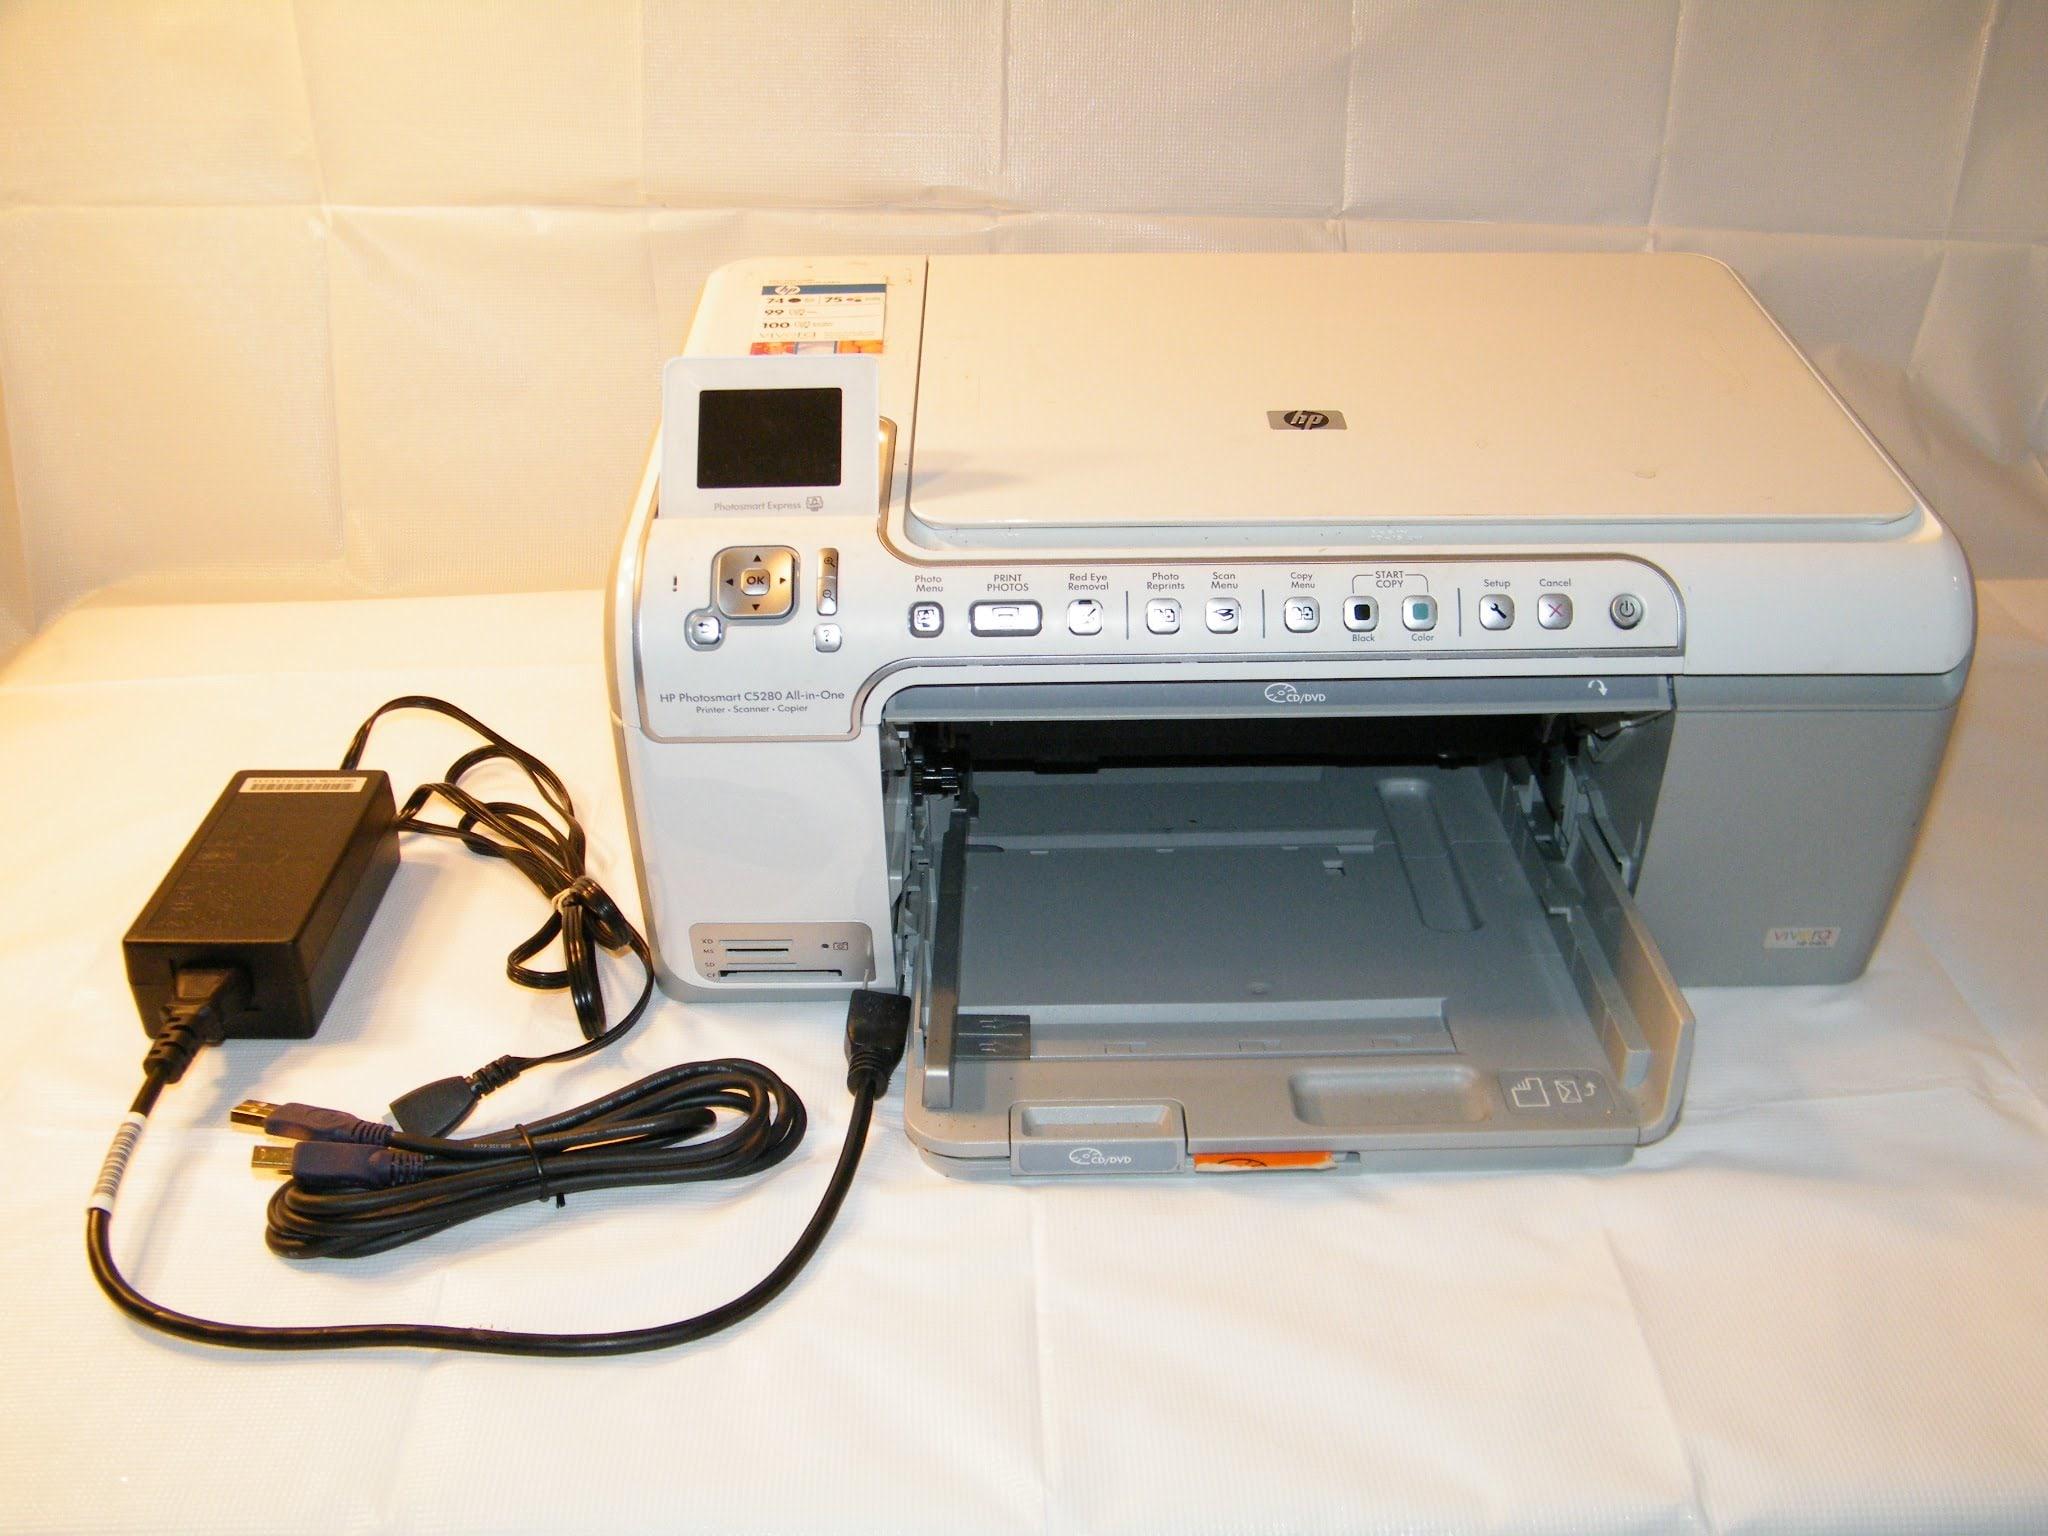 HP C5280 PRINTER DRIVER DOWNLOAD